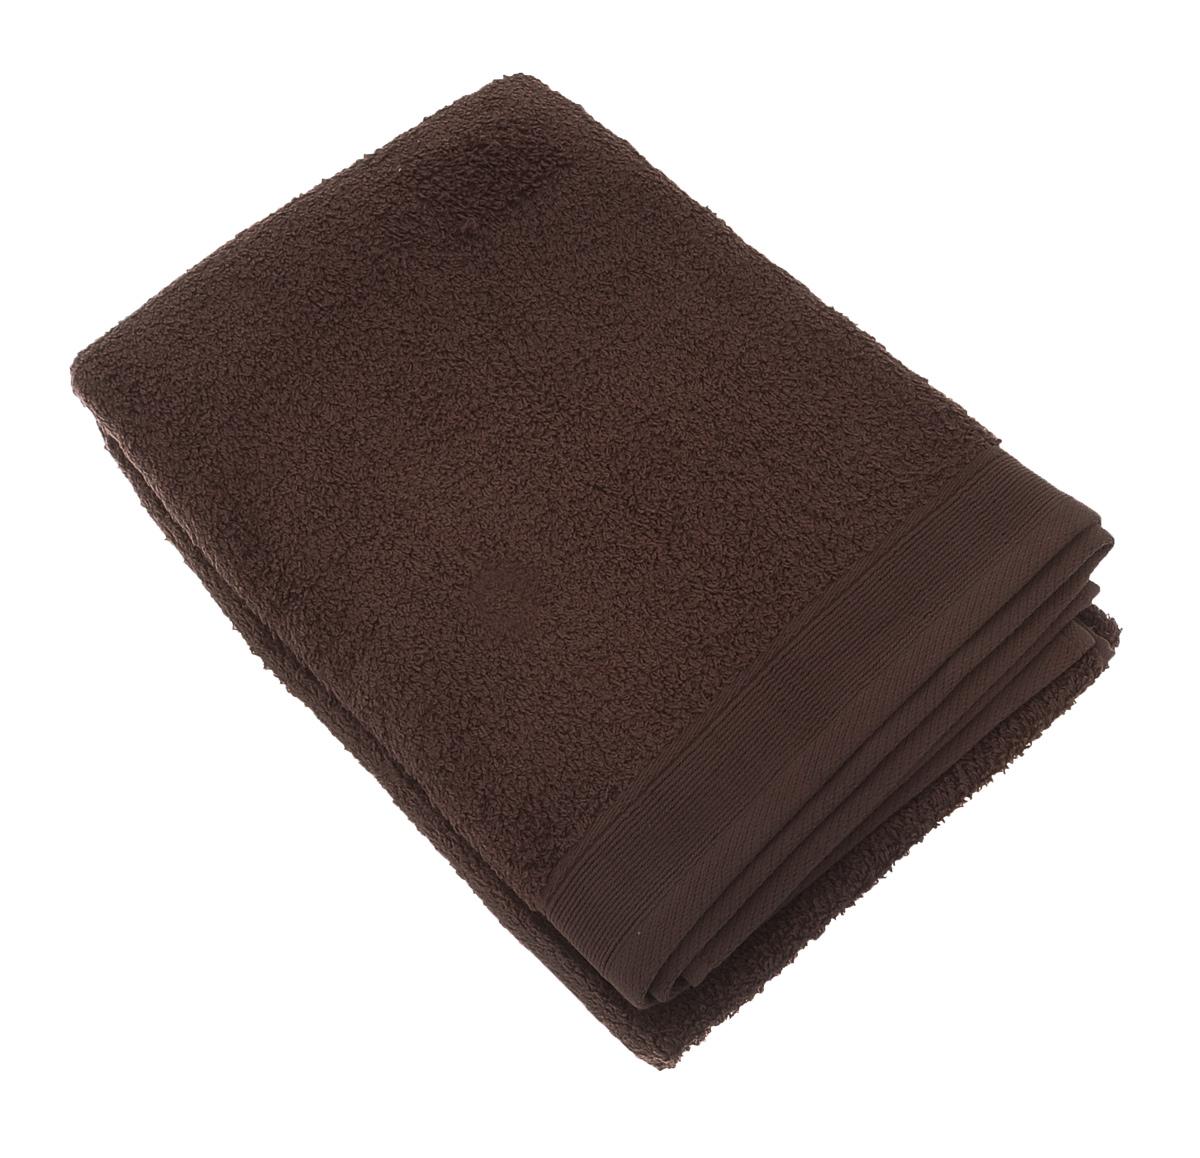 Полотенце махровое Guten Morgen, цвет: какао, 70 см х 140 смПМк-70-140Махровое полотенце Guten Morgen, изготовленное из натурального хлопка, прекрасно впитывает влагу и быстро сохнет. Высокая плотность ткани делает полотенце мягкими, прочными и пушистыми. При соблюдении рекомендаций по уходу изделие сохраняет яркость цвета и не теряет форму даже после многократных стирок. Махровое полотенце Guten Morgen станет достойным выбором для вас и приятным подарком для ваших близких. Мягкость и высокое качество материала, из которого изготовлено полотенце, не оставит вас равнодушными.